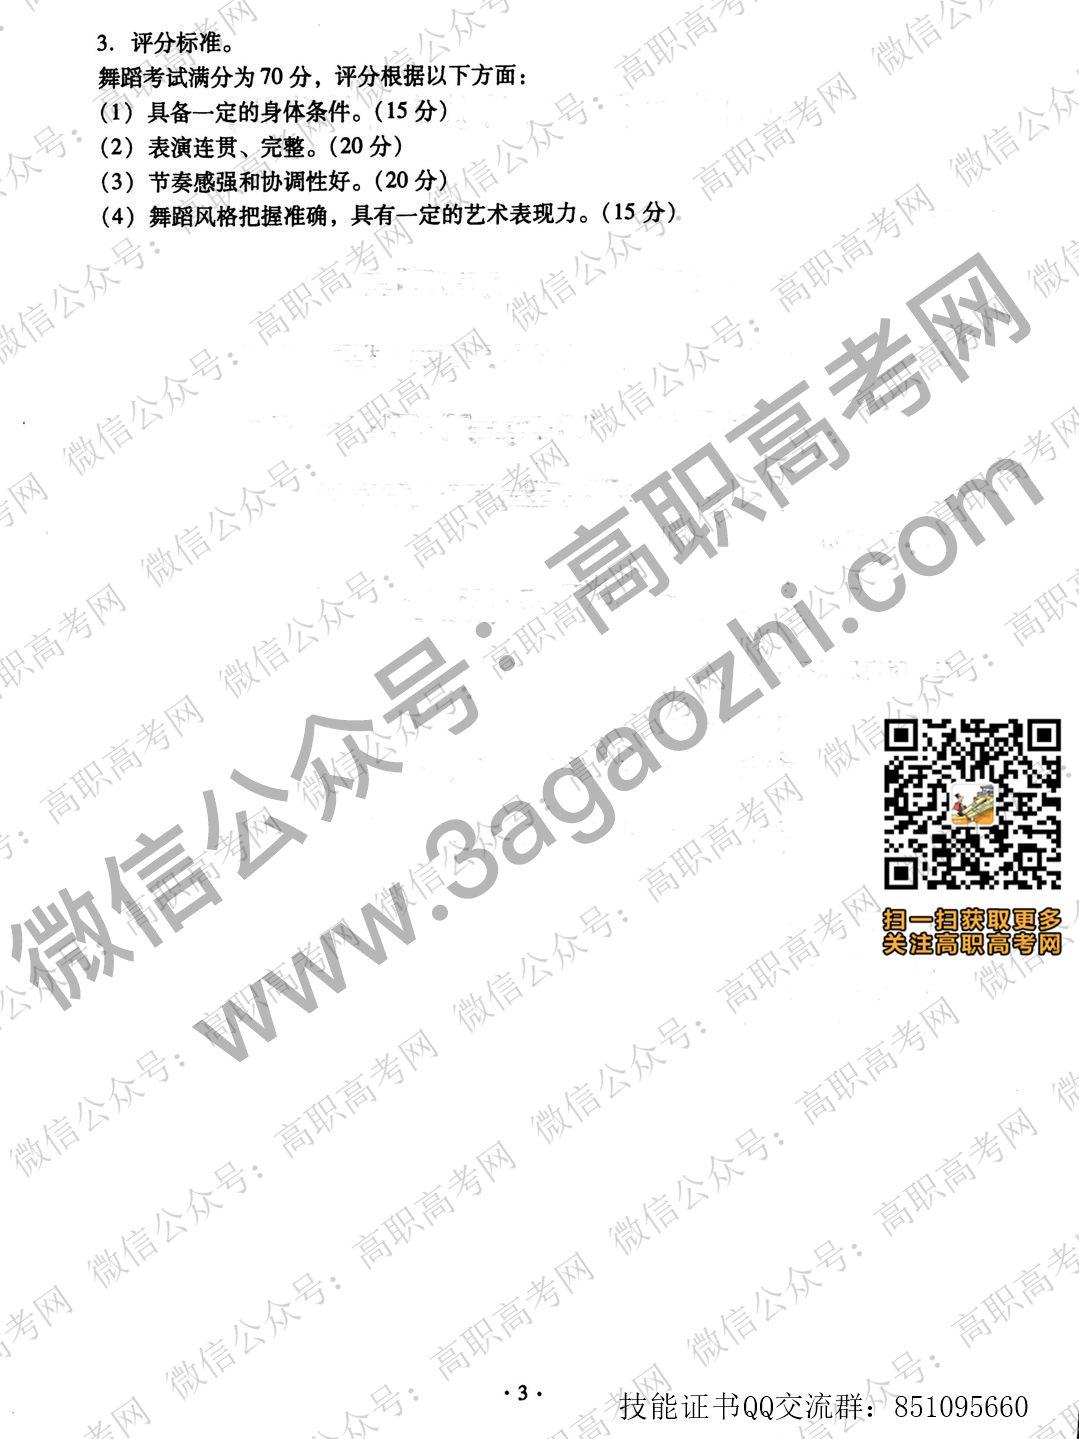 广东省中等职业技术教育专业技能课程考试 音乐综合技能证书考试大纲及样题(2018年)